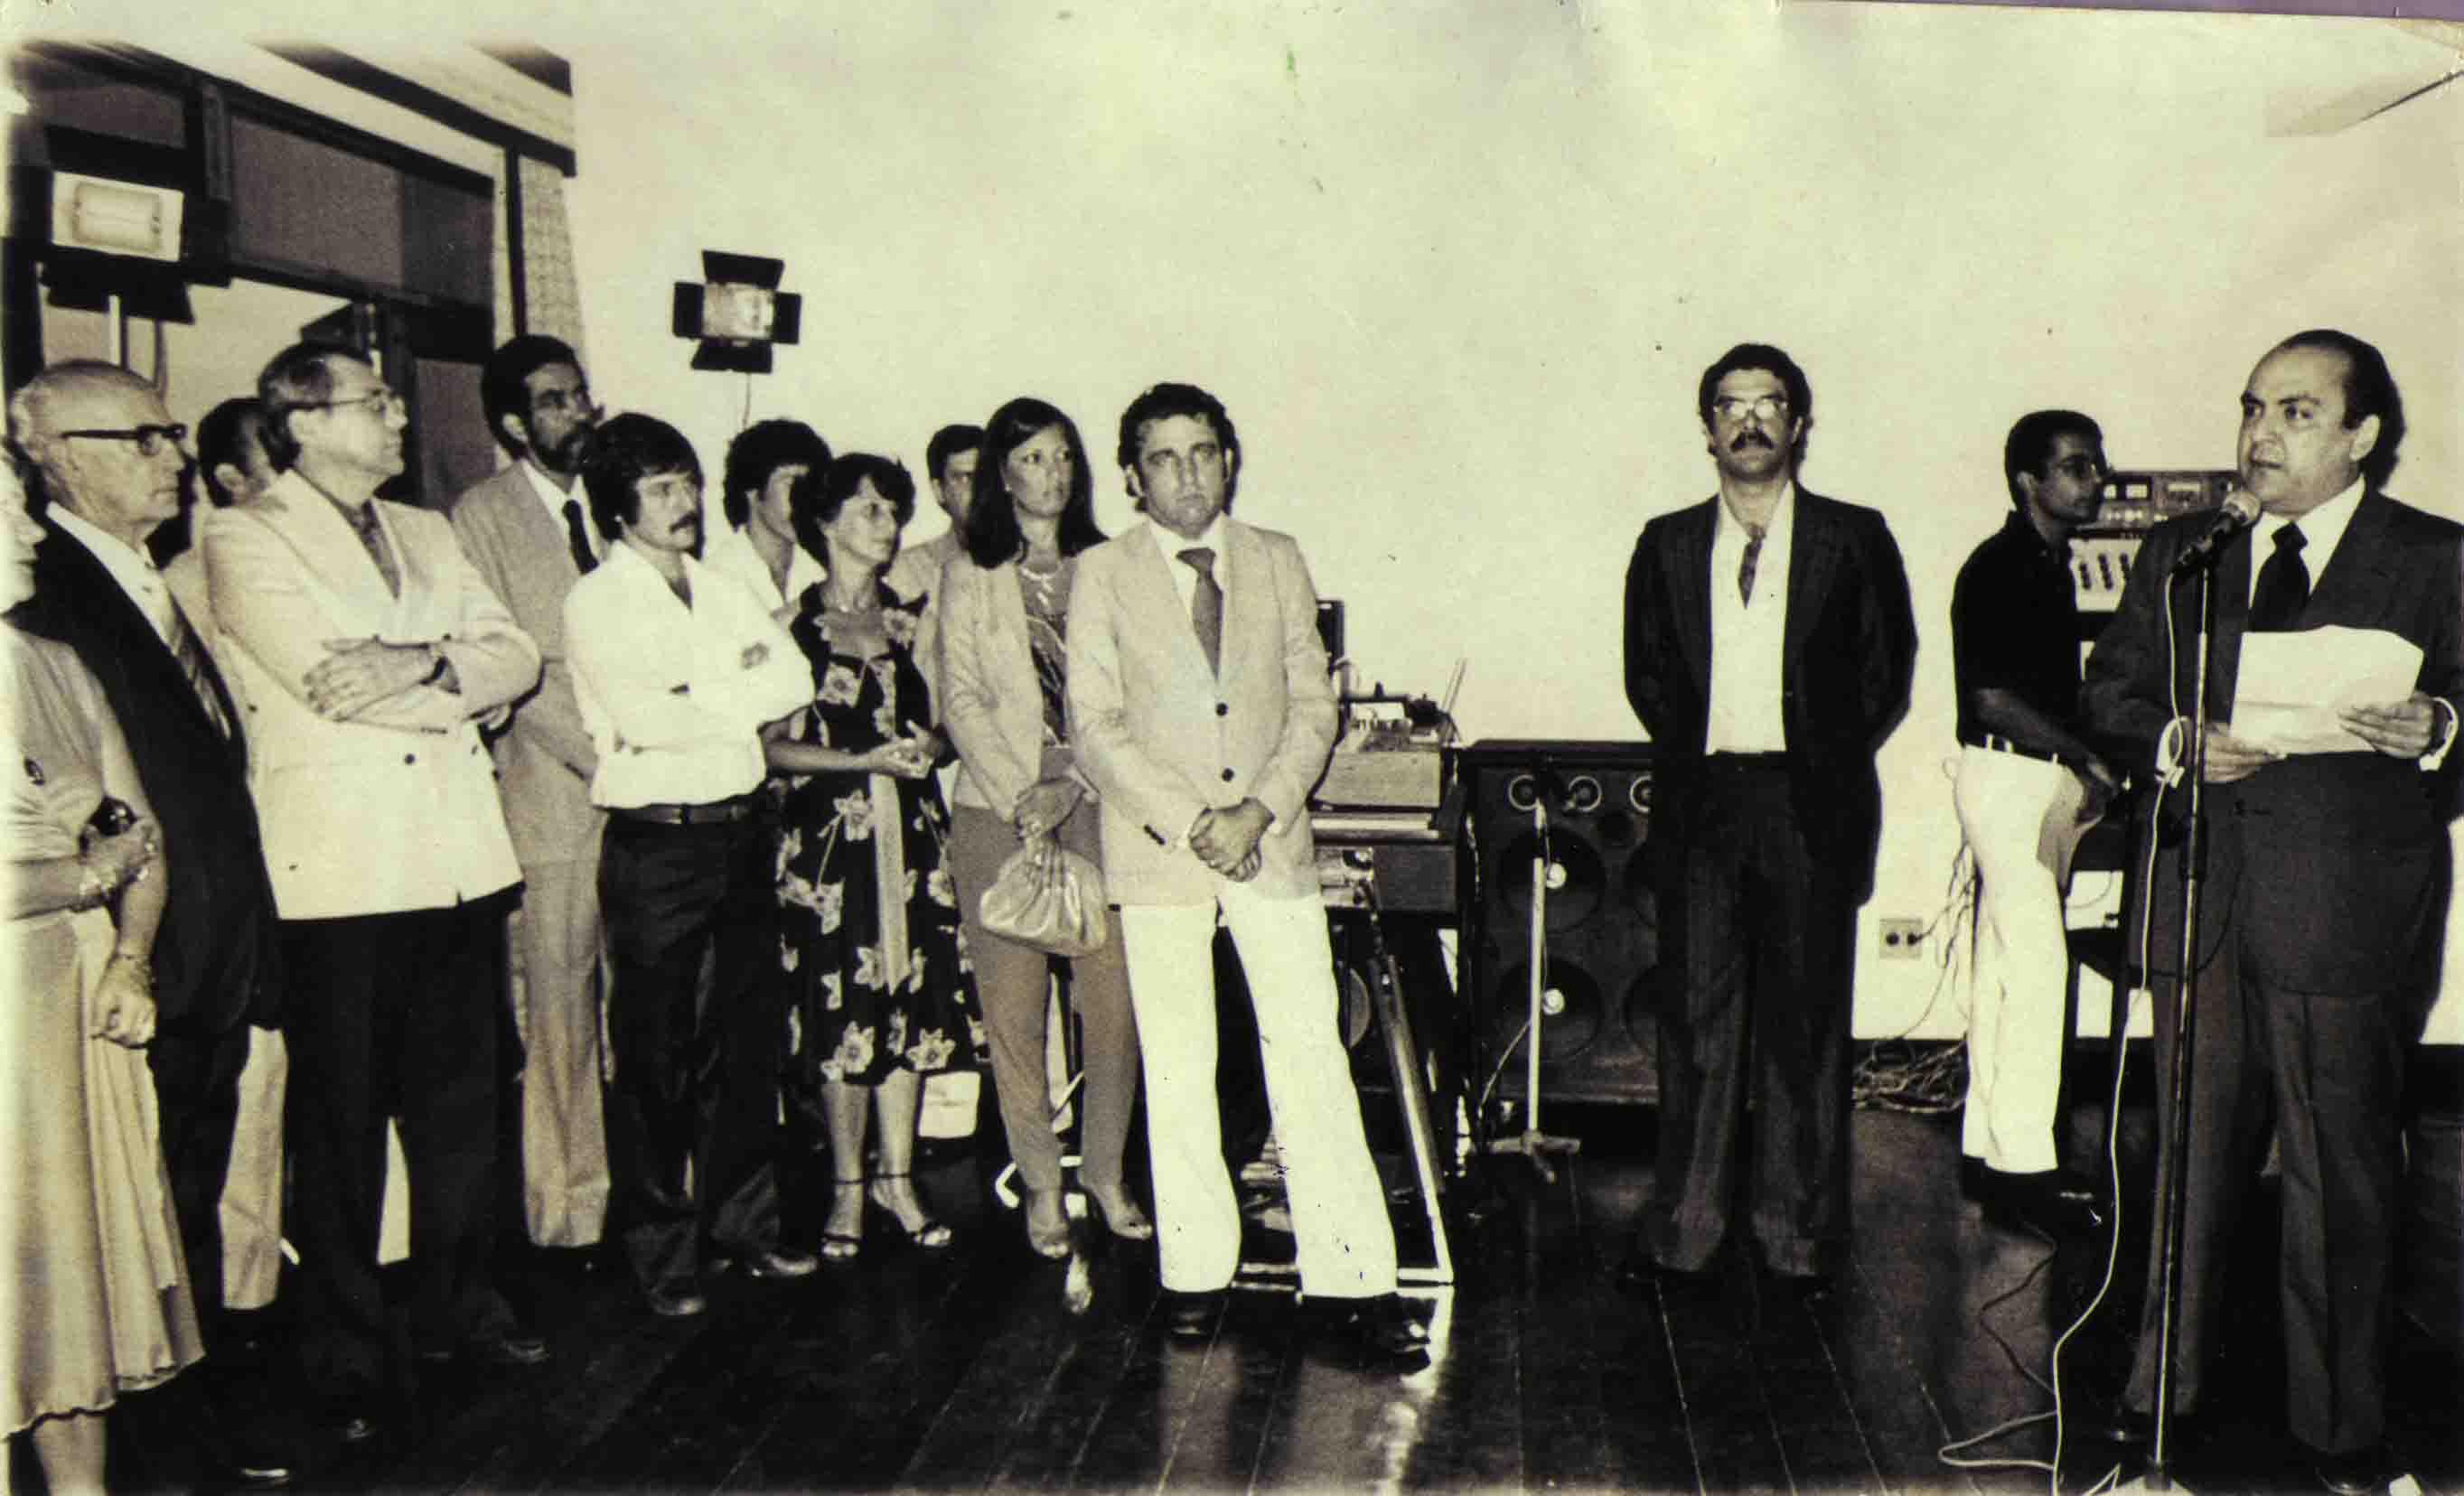 João Calmon, José Roberto Mingnoni, Adilson Paixão, João Santos - Inauguração da Rádio Tribuna FM em 27 de março de 1981